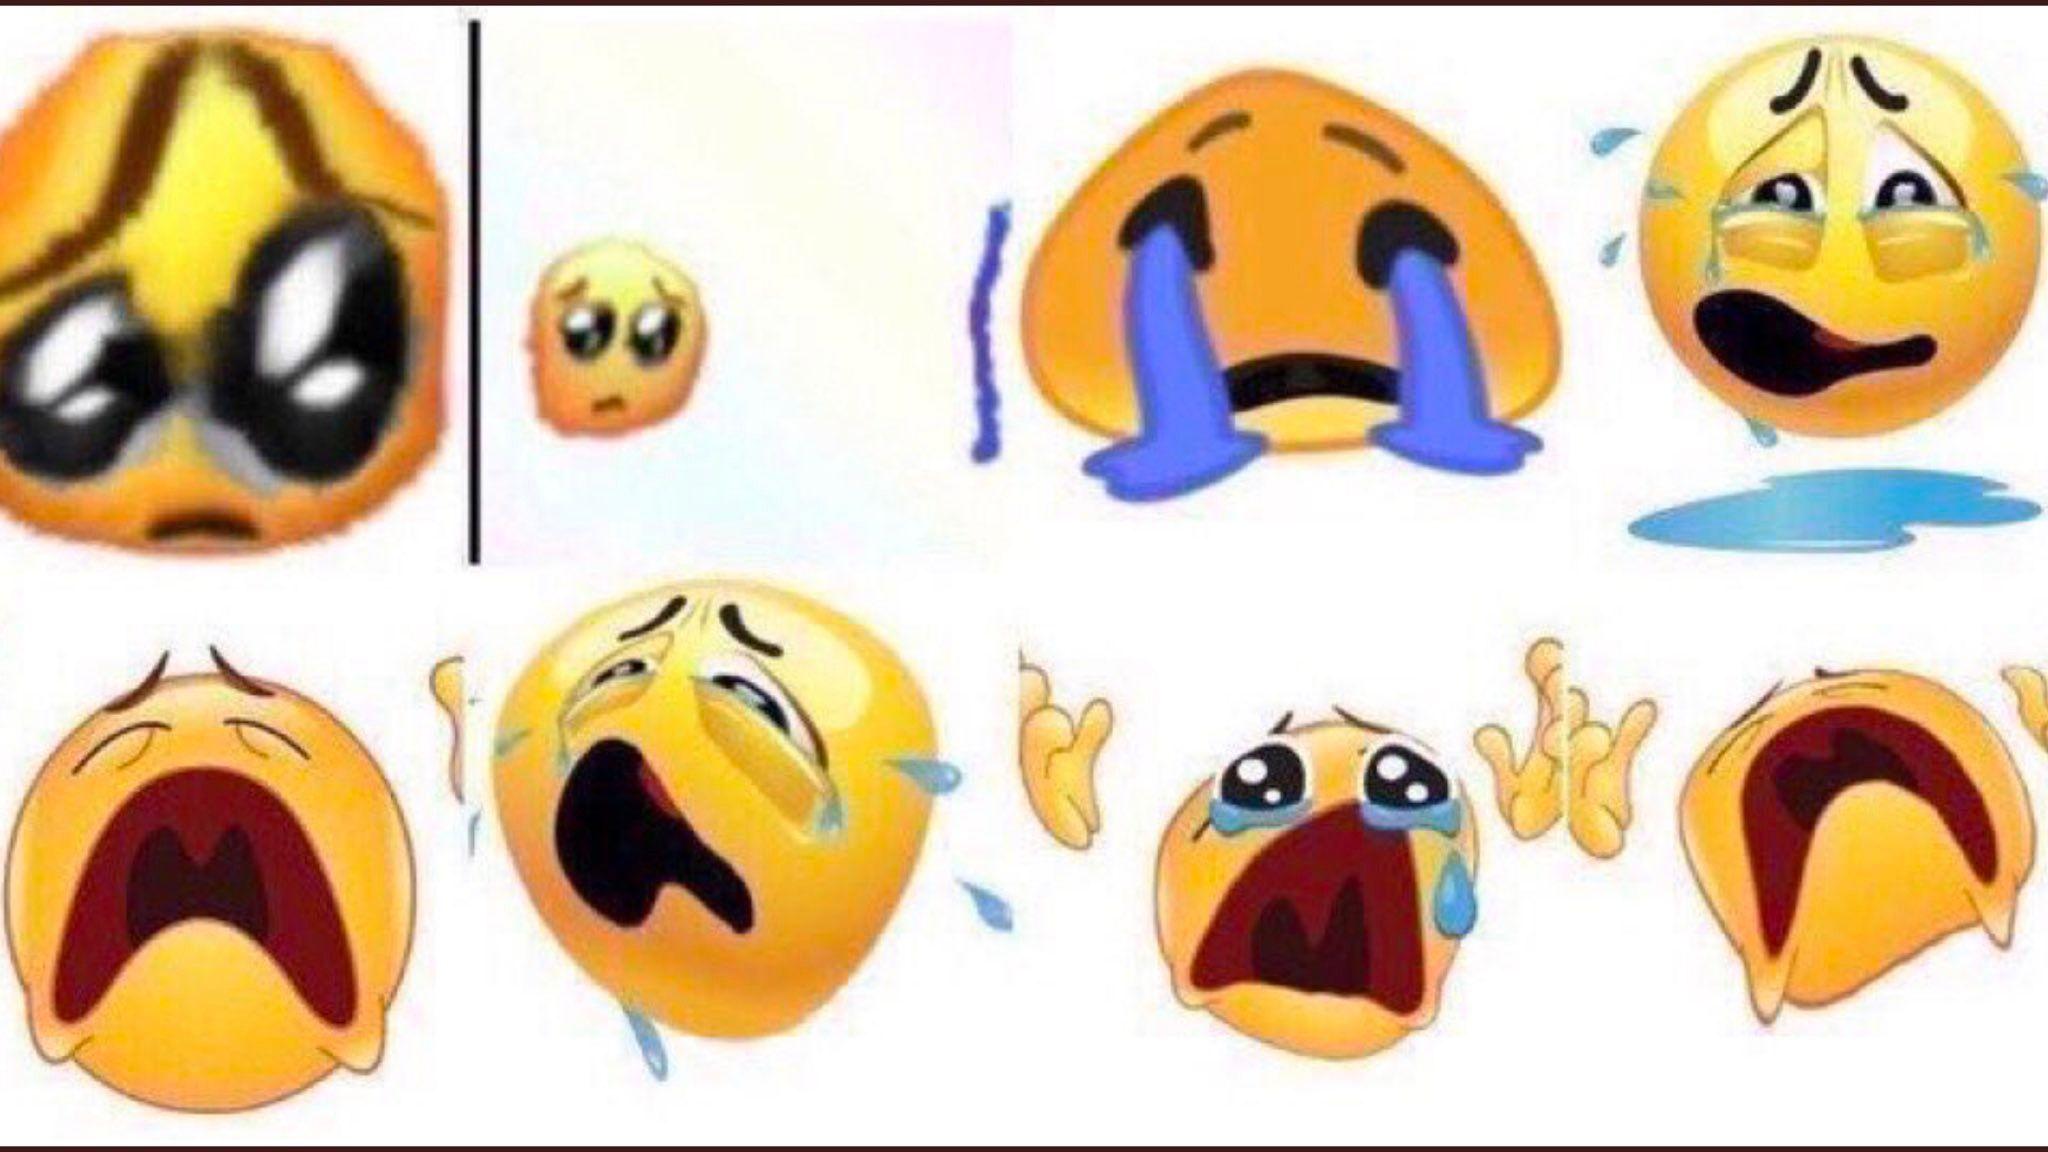 Pin by Erica on ♡ memes ♡ Crying emoji, Emoji meme, Emoji